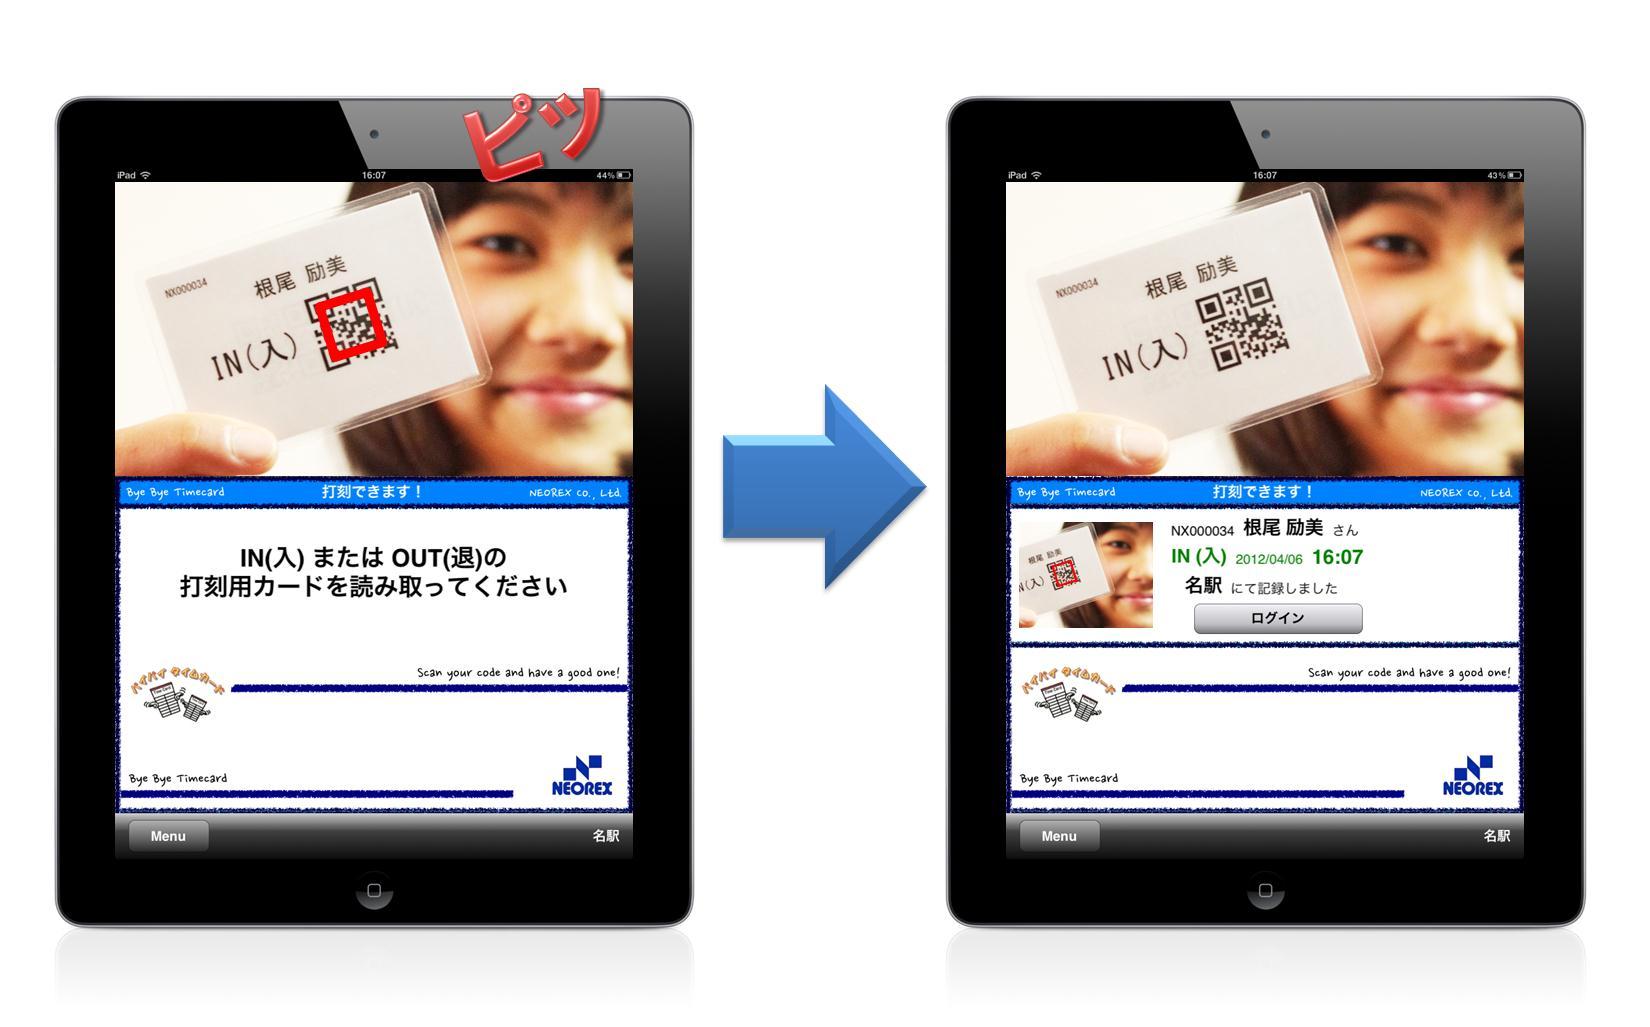 【新製品】国内クラウド勤怠管理システムで初! iPadがQRコードをかざすだけのクラウドタイムレコーダーになる 「バイバイ タイムカード for iPad」提供開始